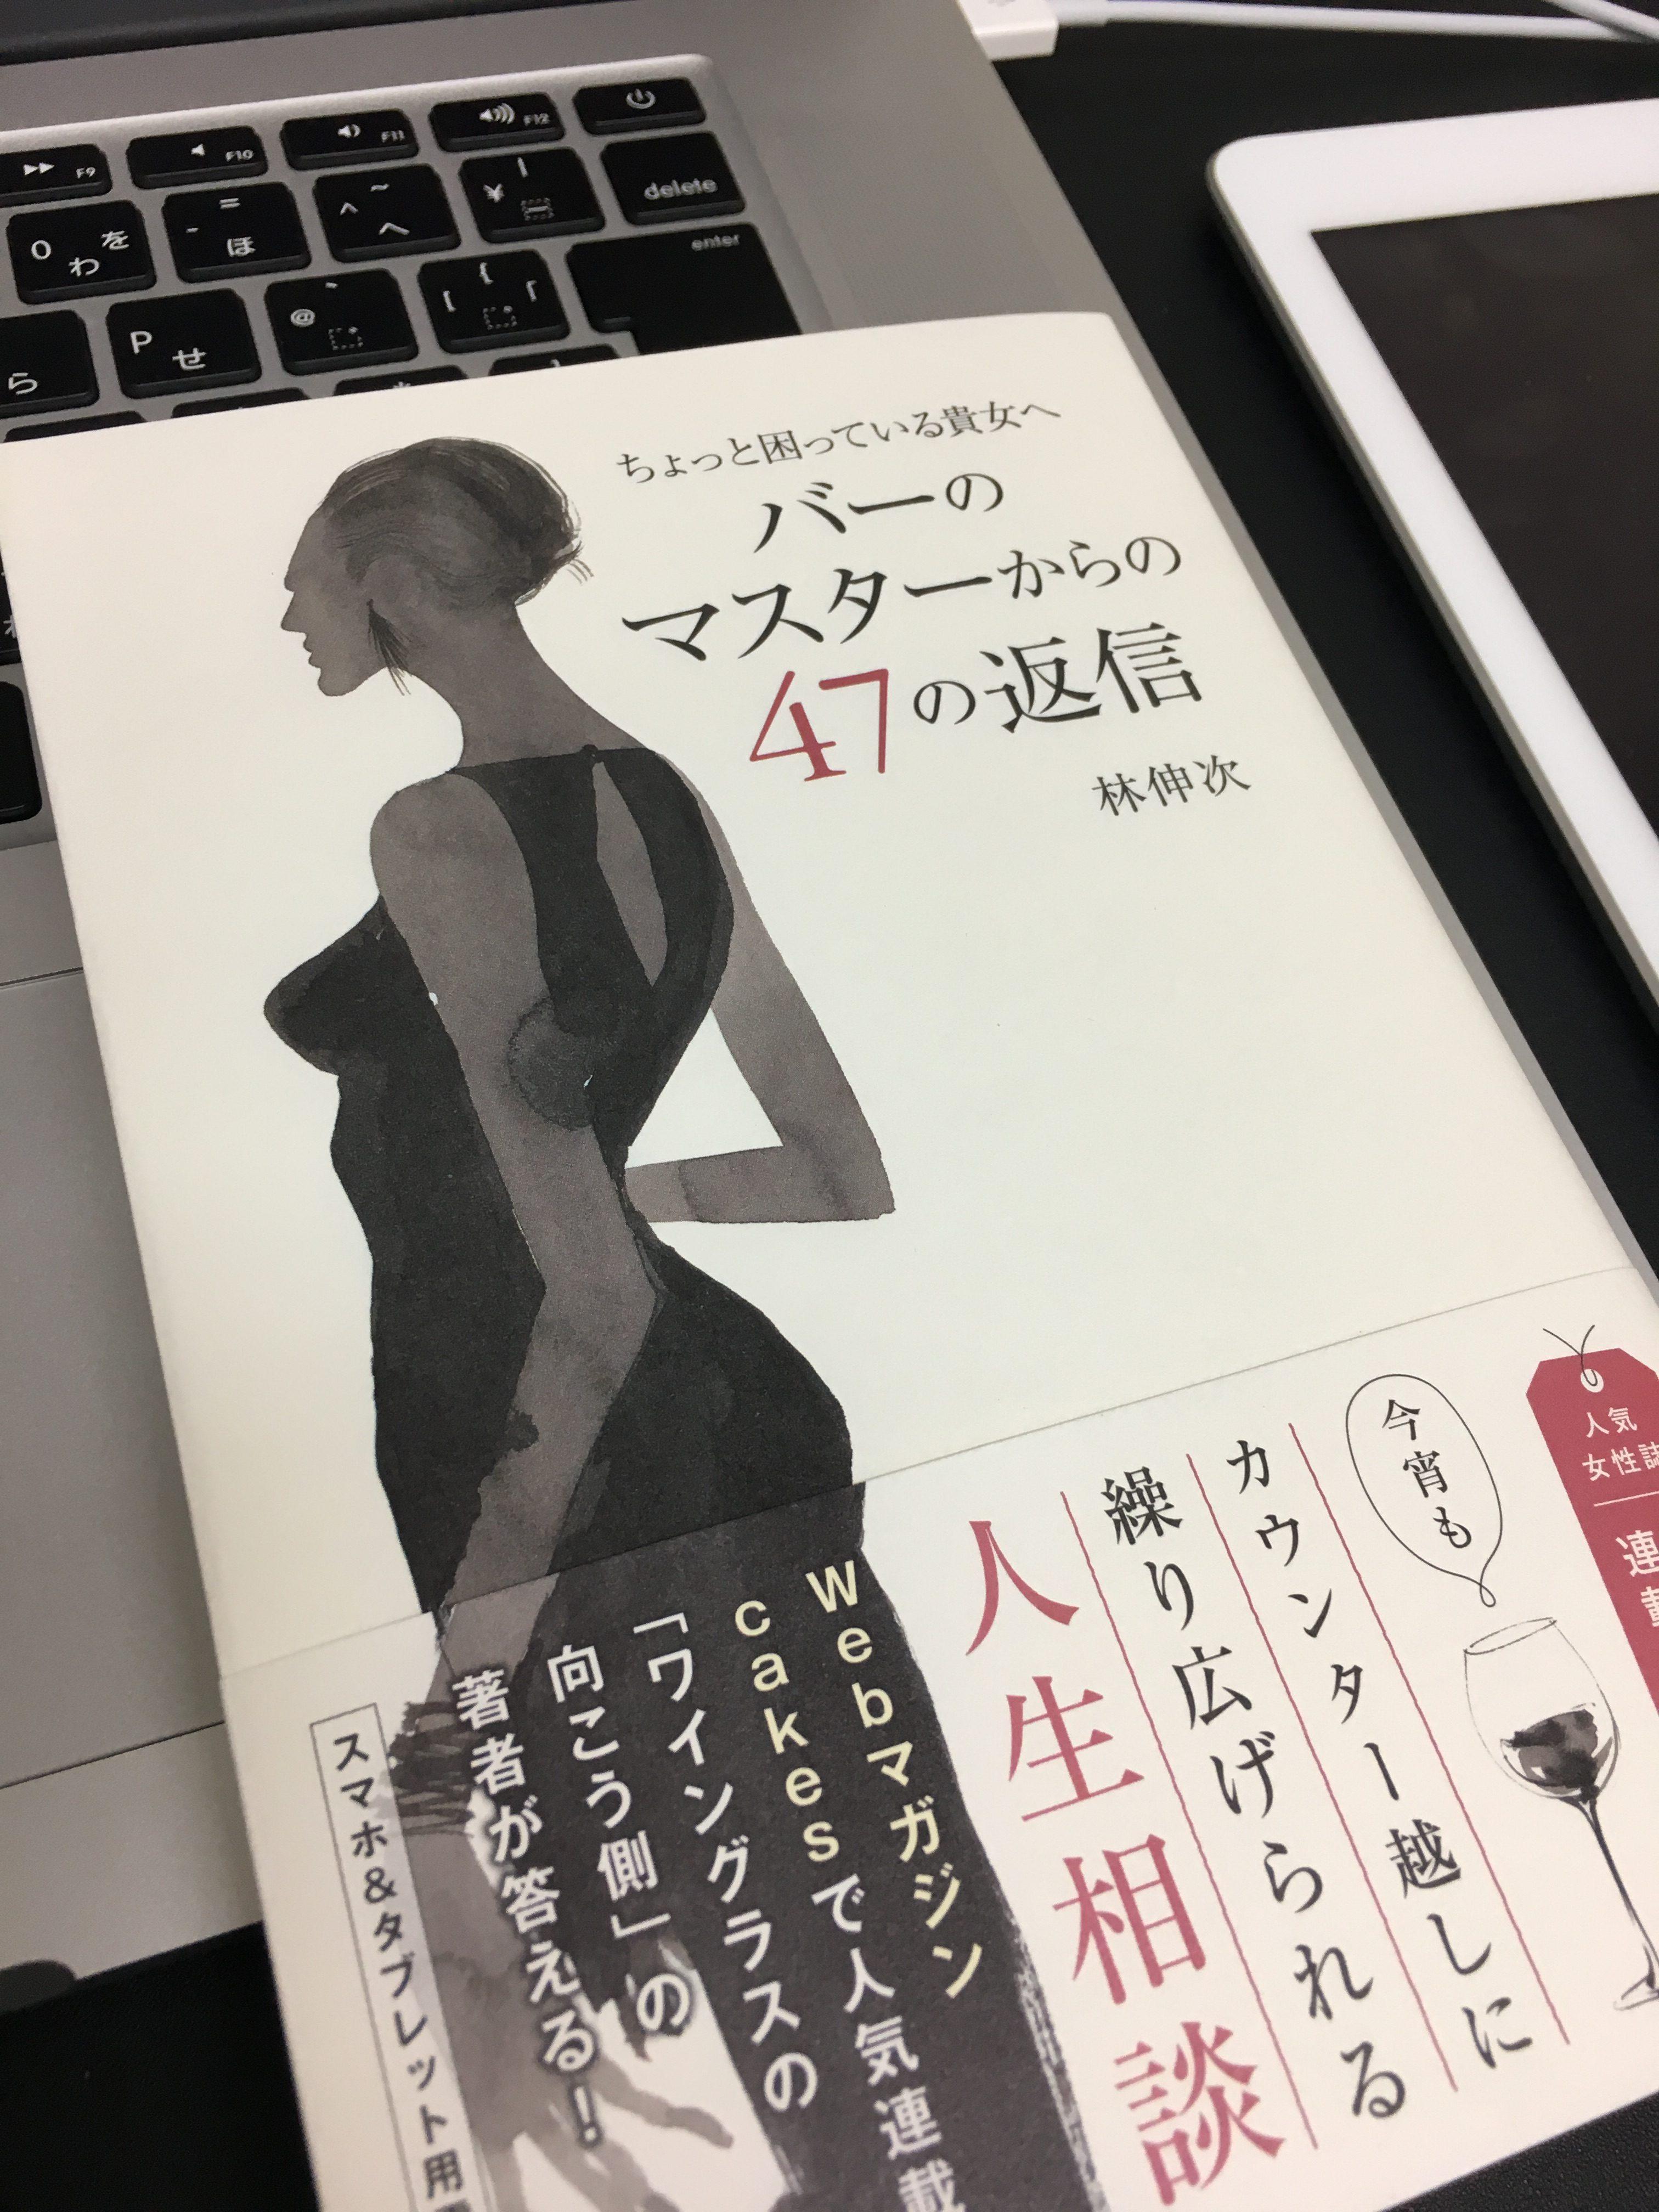 作家の林伸次さんの新刊に弊社が登場しています